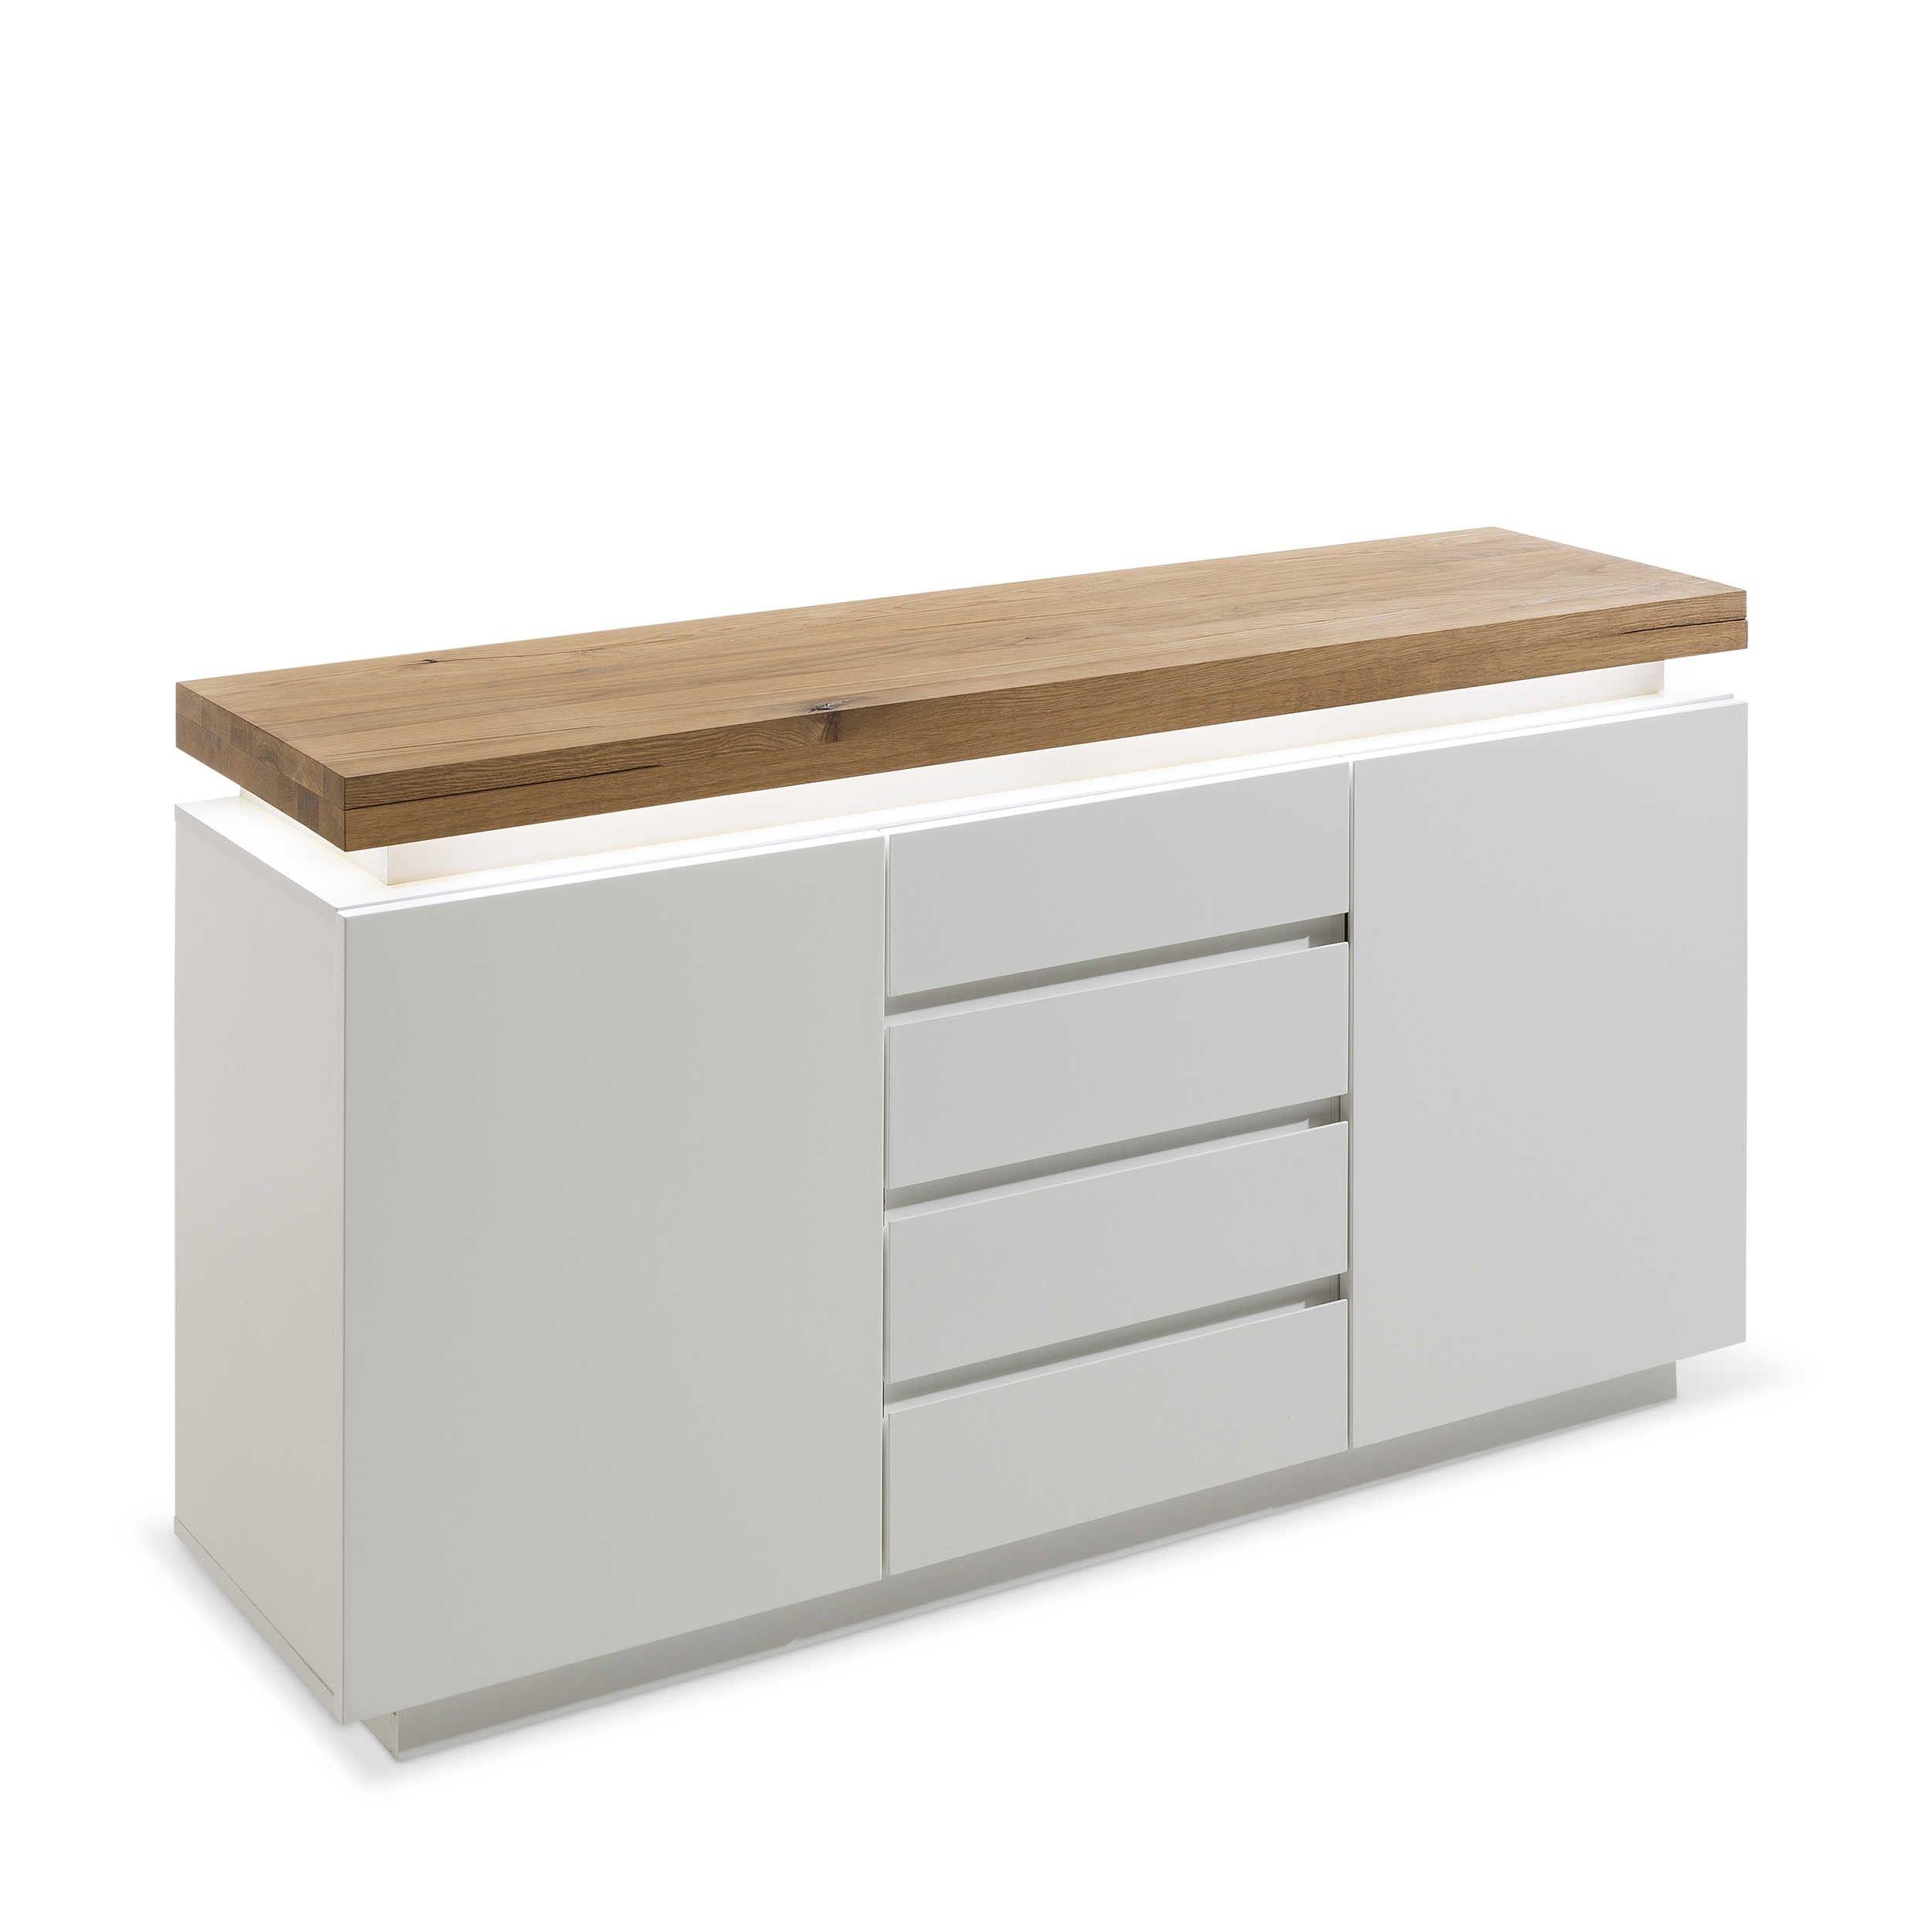 Blickfang Kommode Weiß Holz Foto Von Pale Weiß Neutural Kaufen Bei Woonio